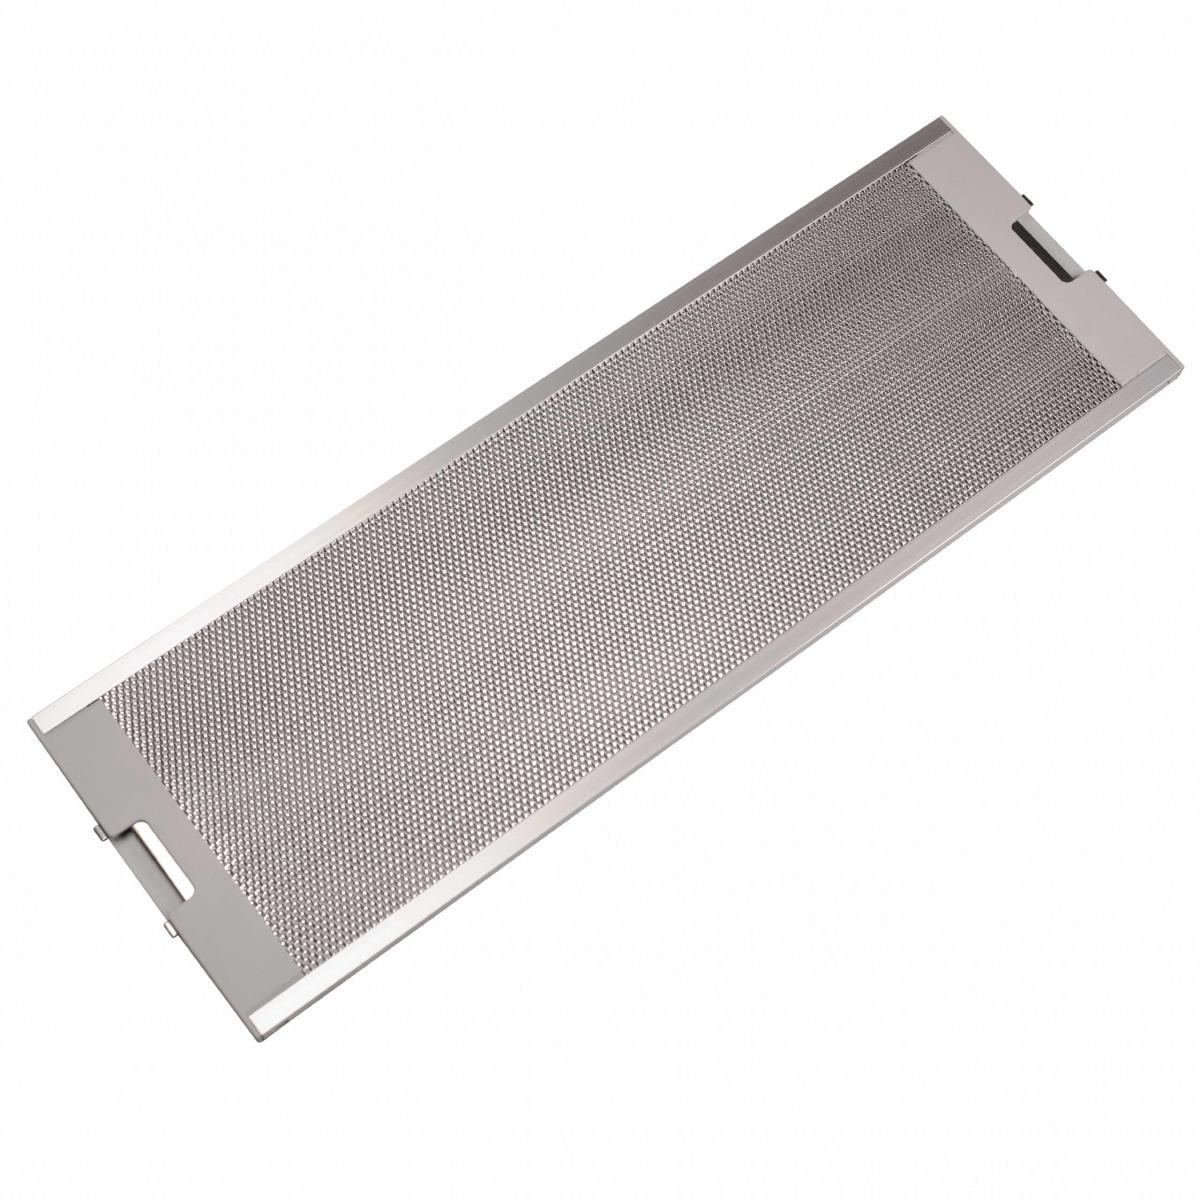 Vhbw vhbw Filtre Permanent Filtre à Graisse Métallique compatible avec Imperial DMA 64/4 EL EX/NL, DMA 64/4 EL EX/P Hottes de